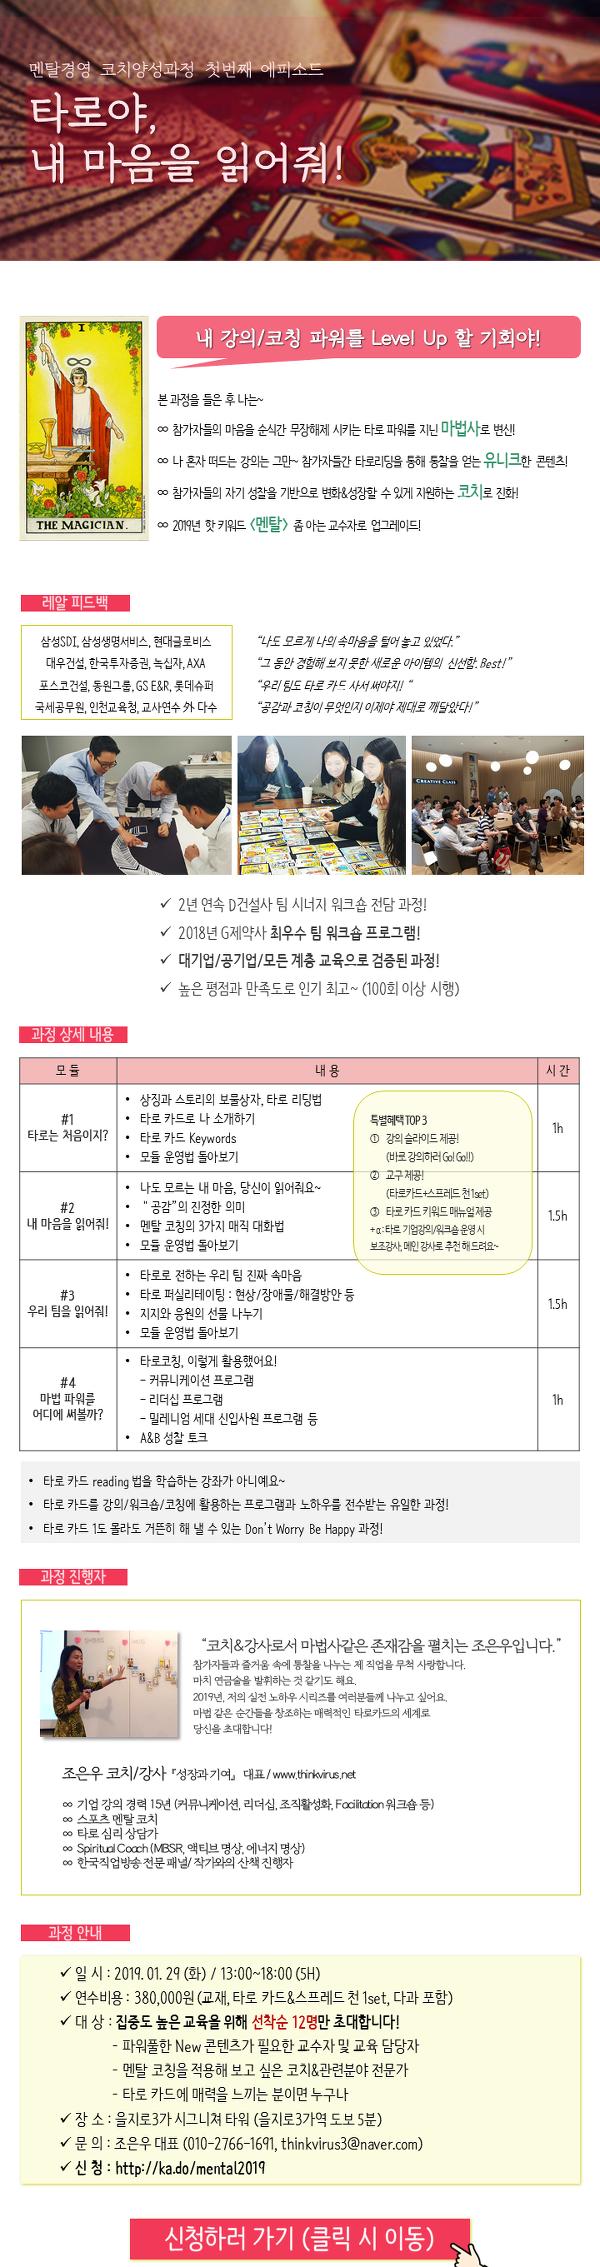 타로멘탈 코칭 공개과정 with 조은우 코치